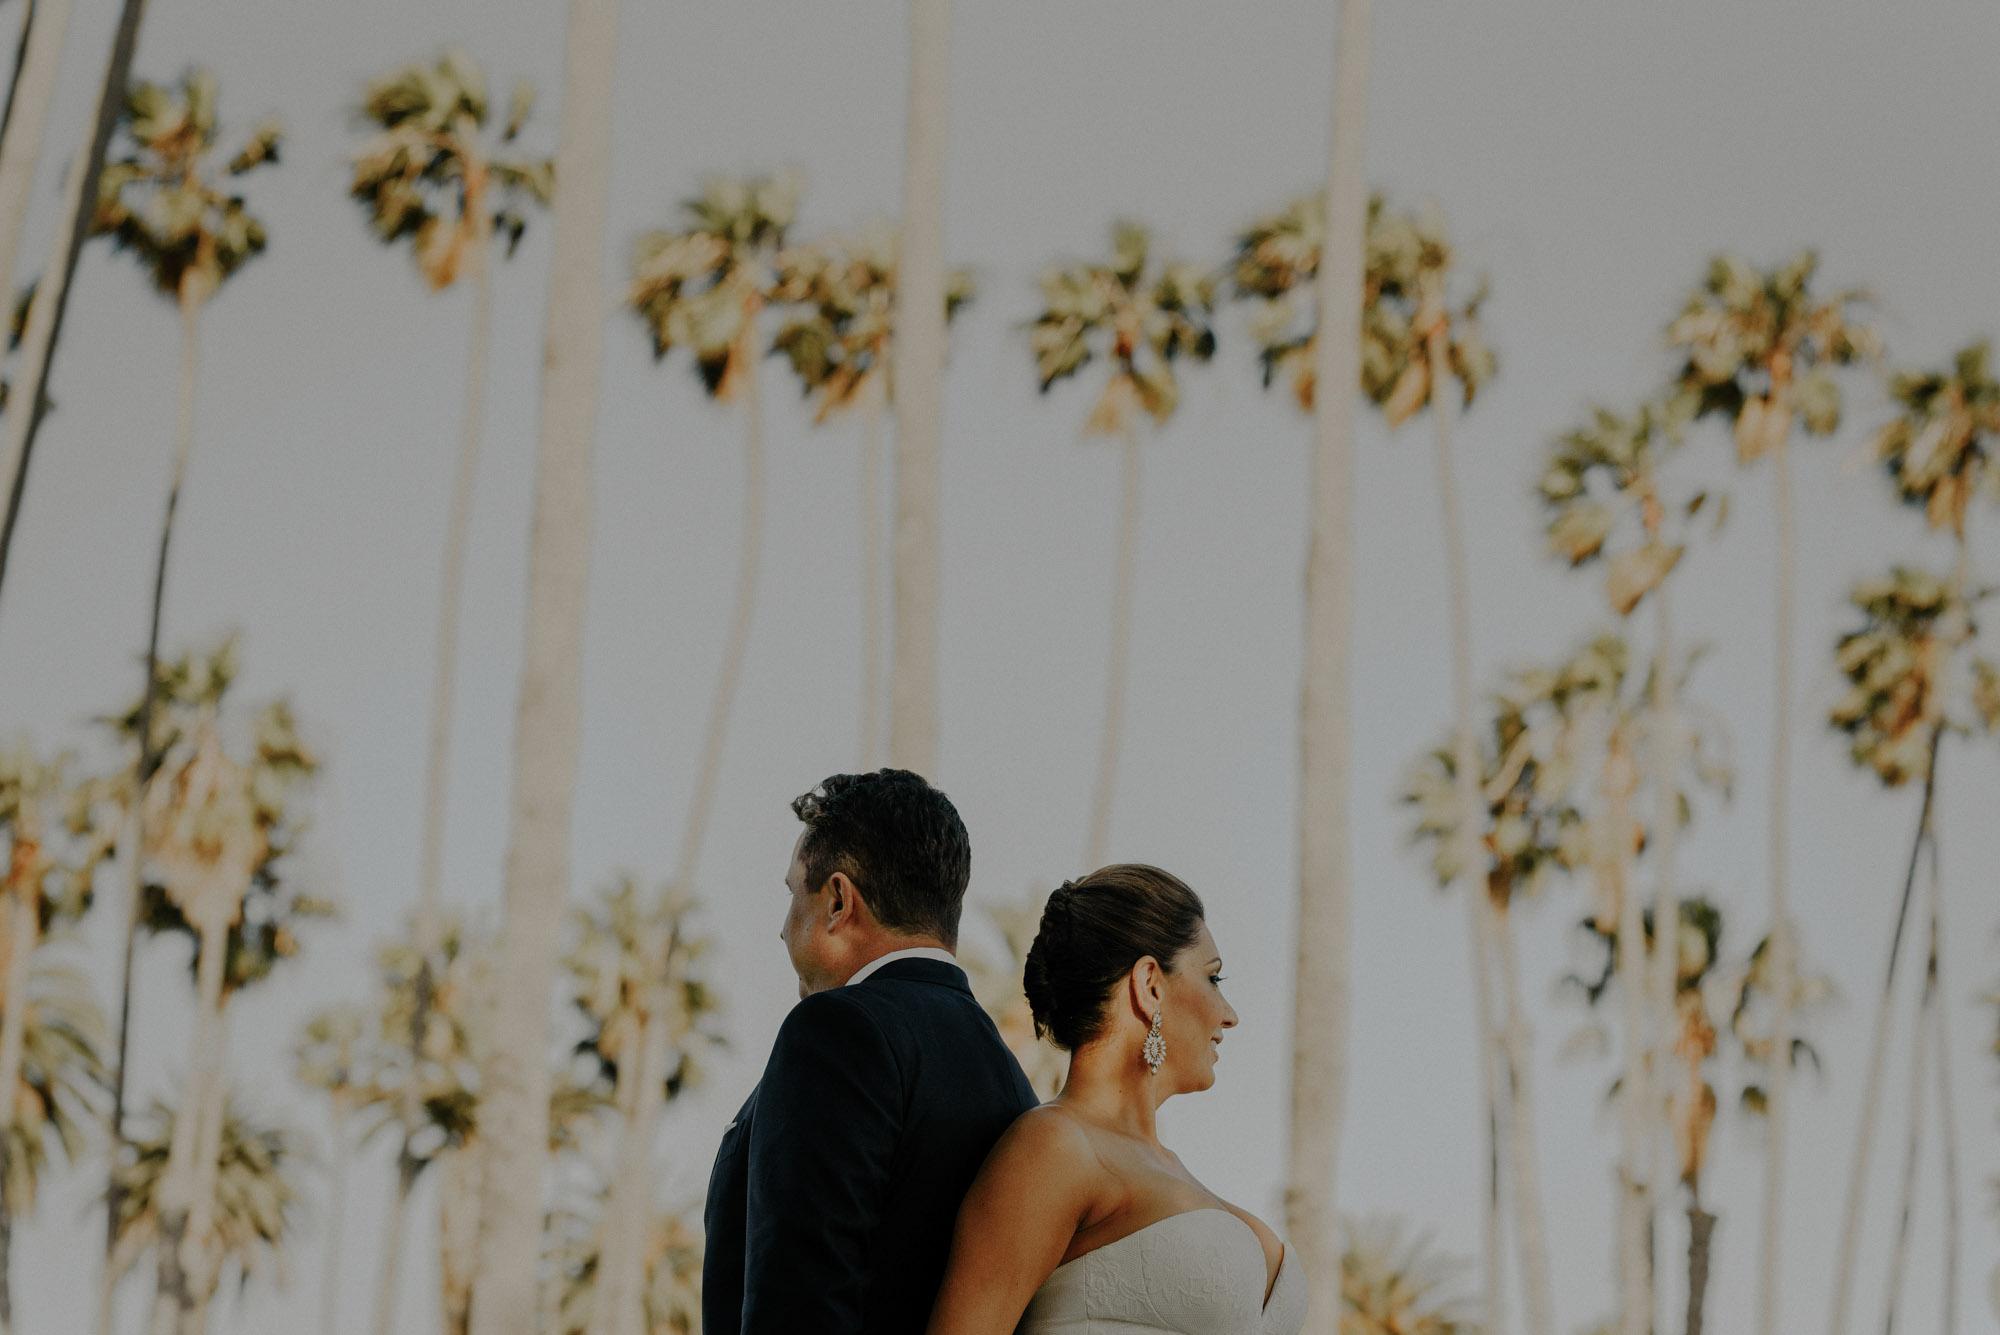 Ebony-Jason-Wedding-Indulge-Magazine-3-of-16.jpg